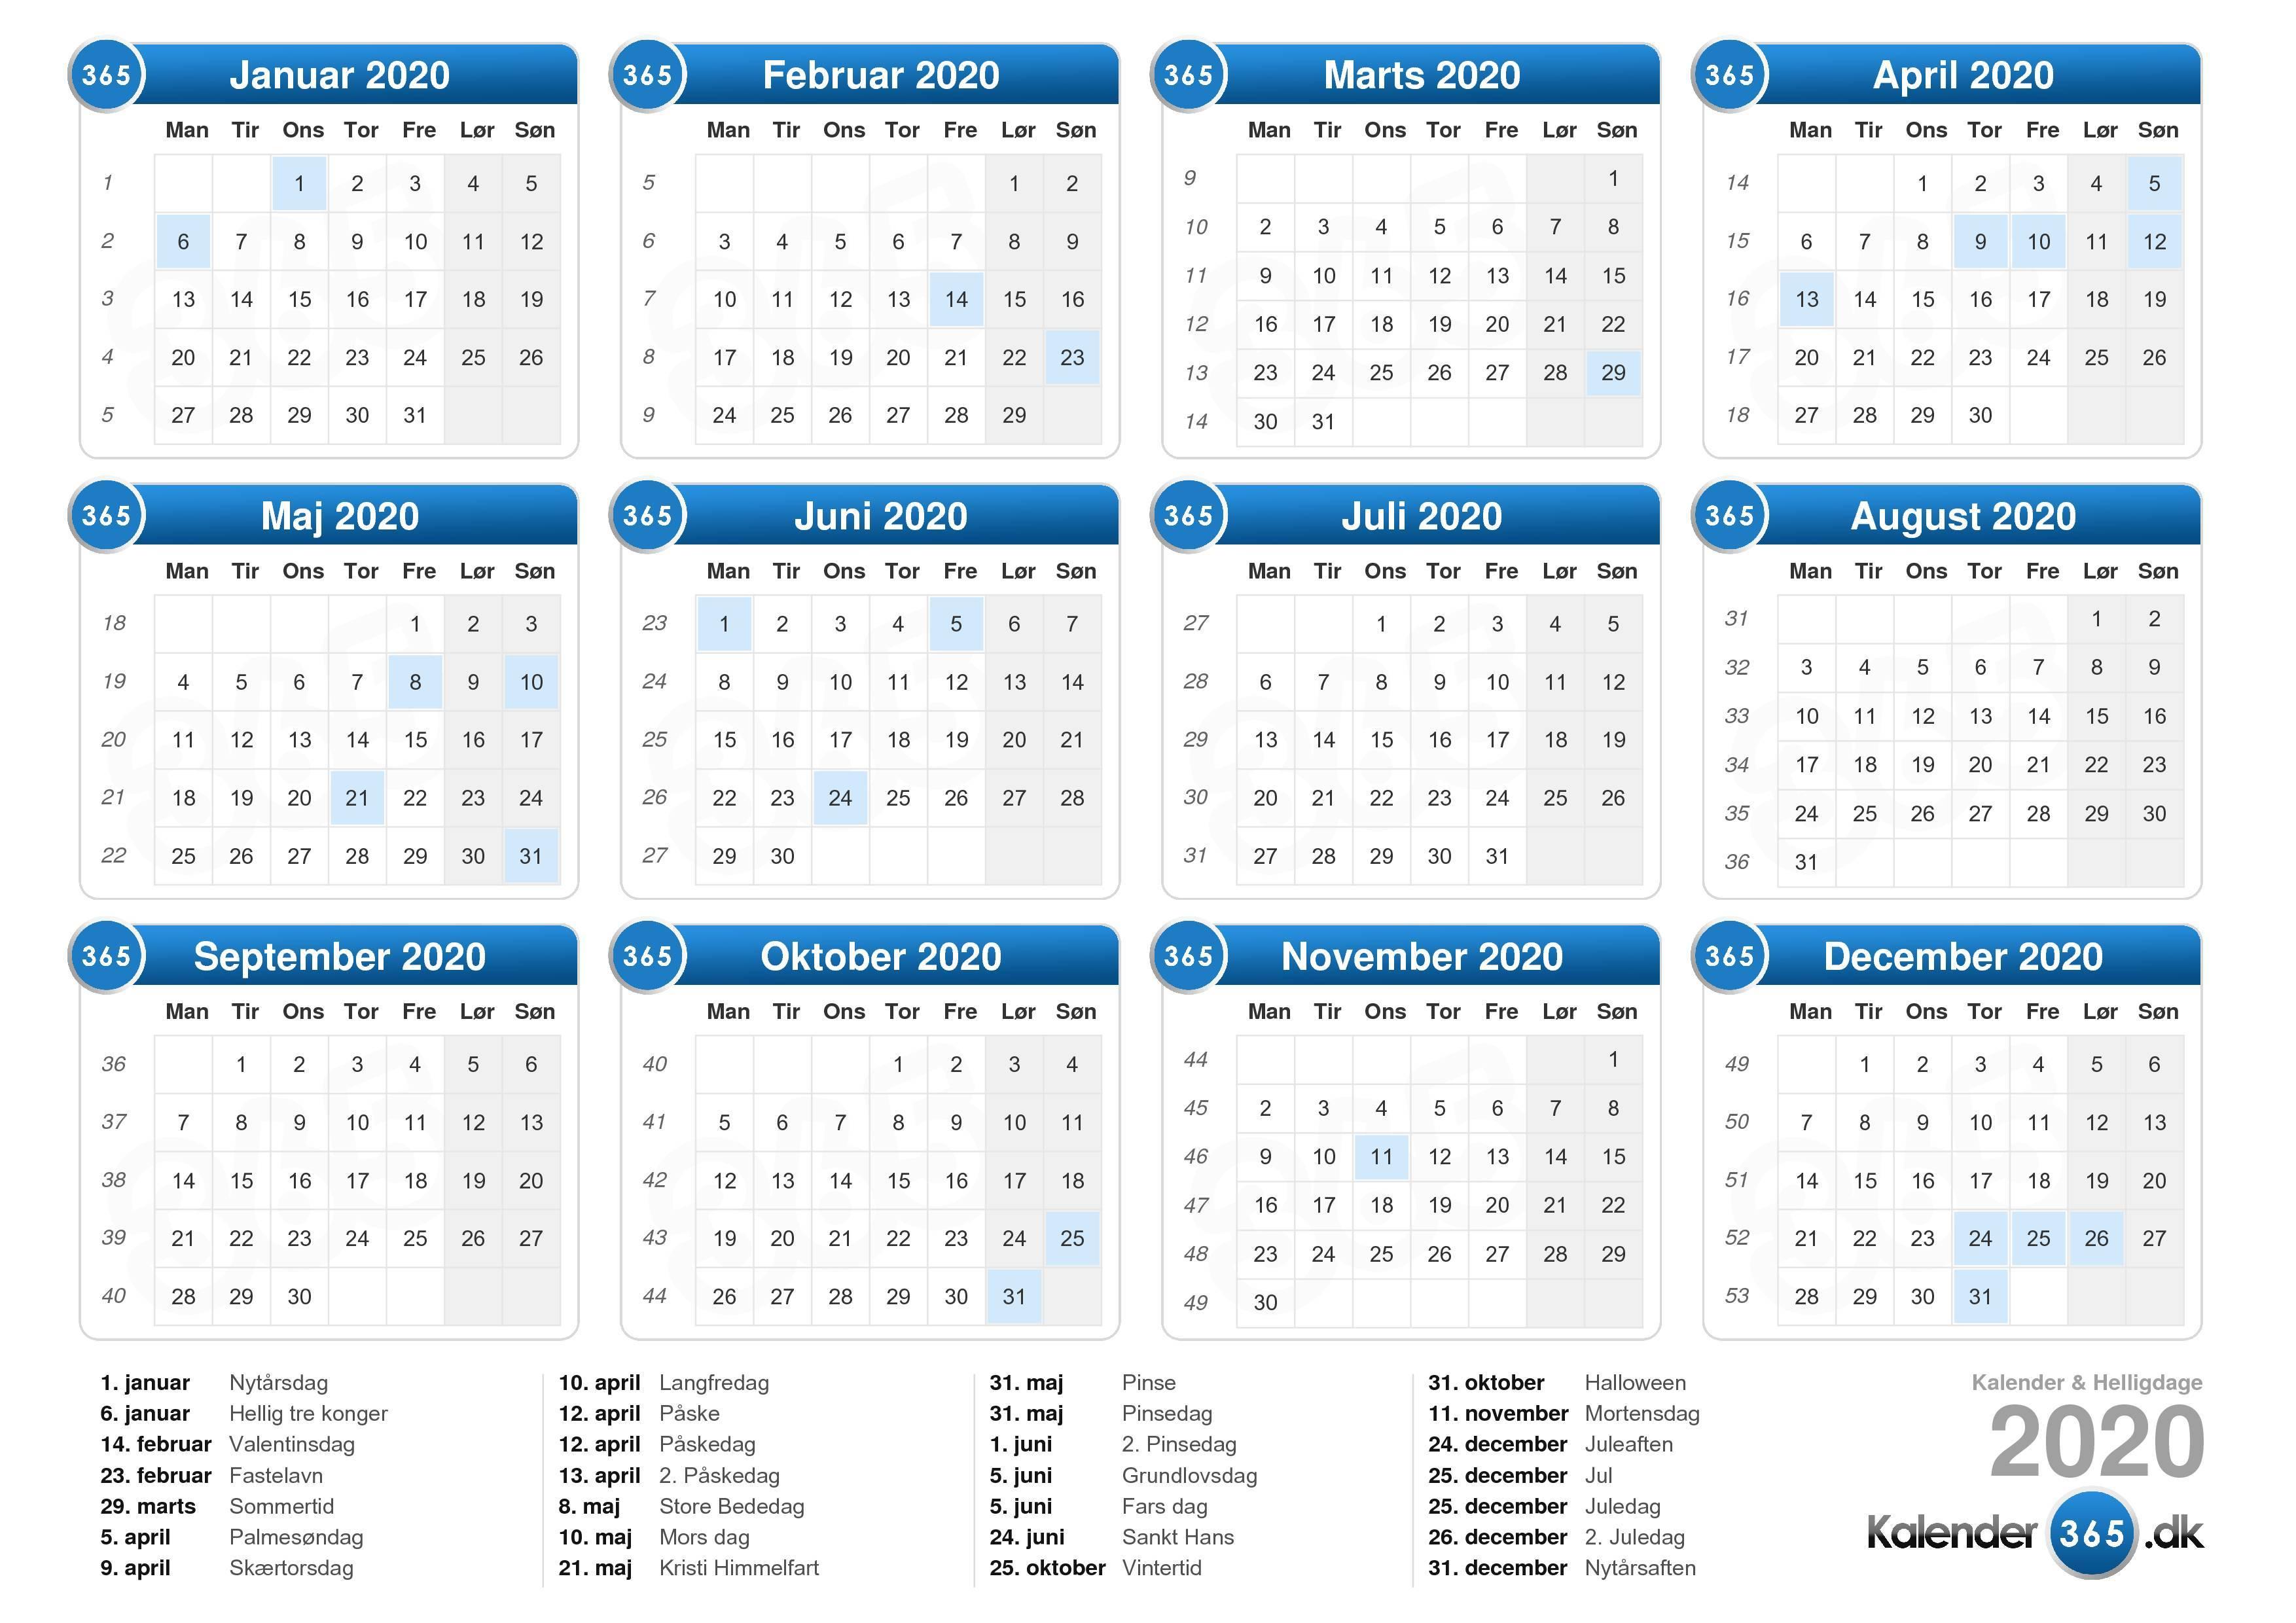 Jahreskalender zum ausdrucken 2020